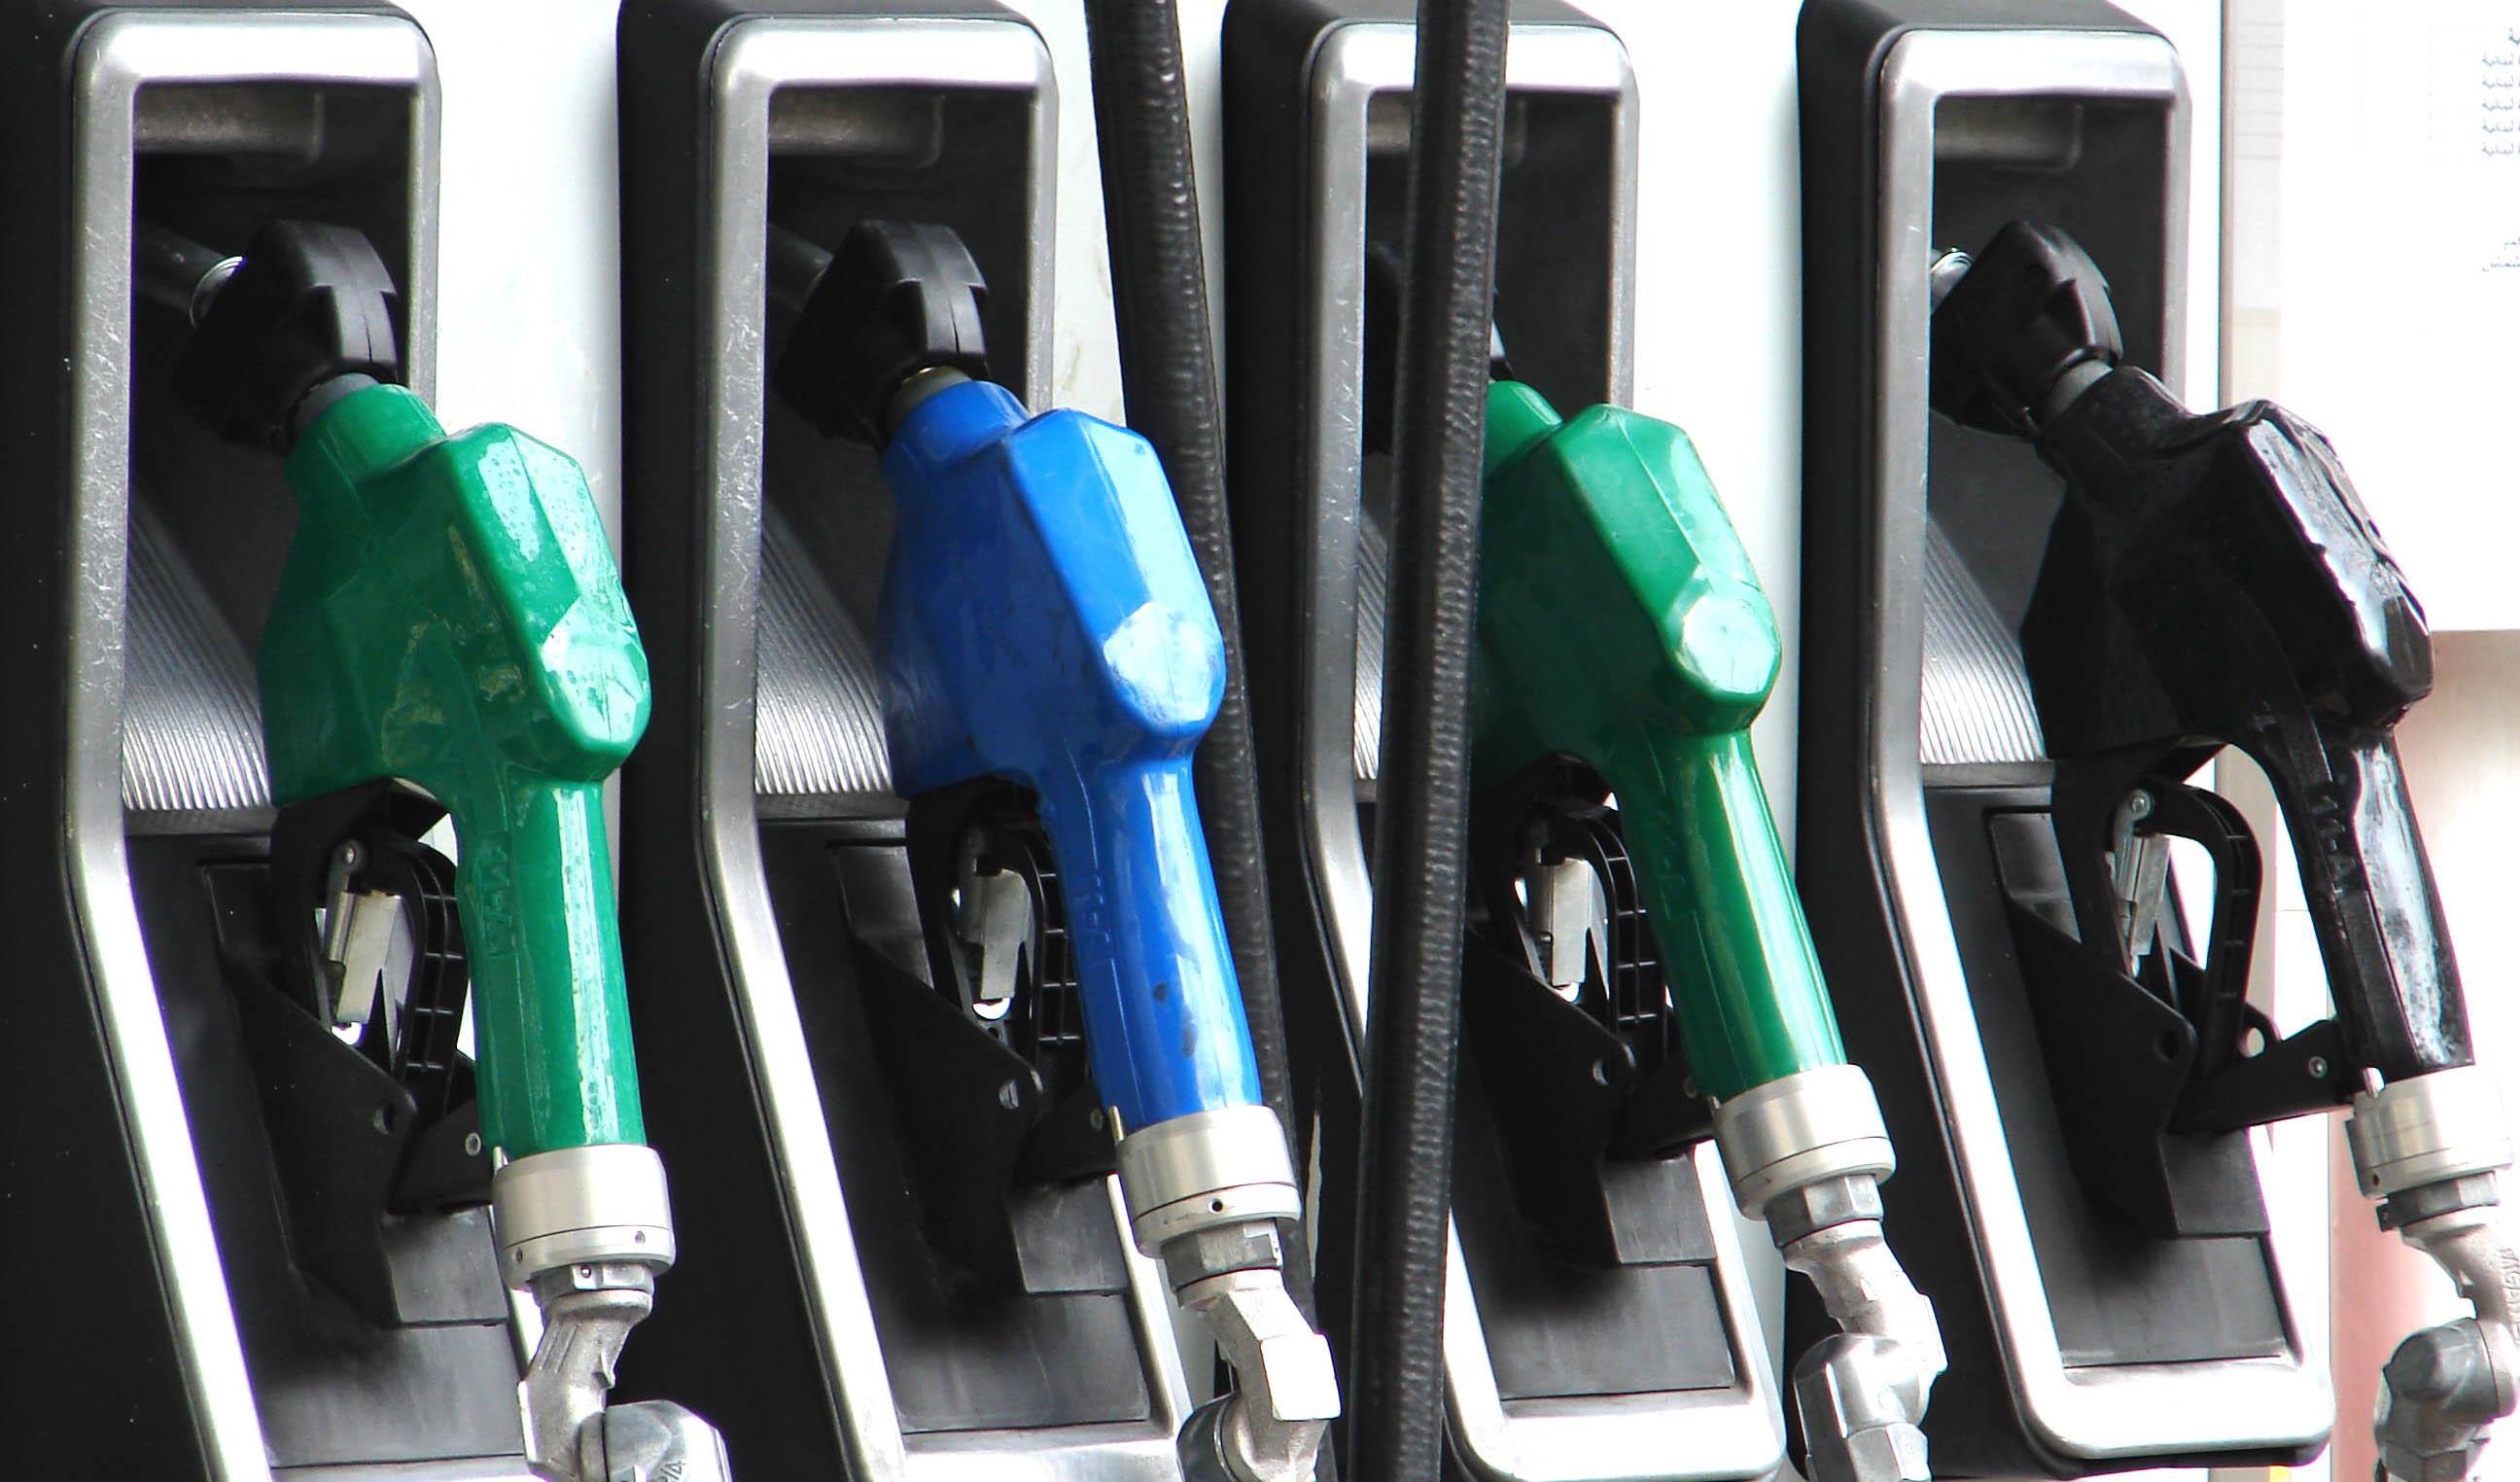 محدودیت عرضه بنزین سوپر تا پایان مرداد رفع میشود